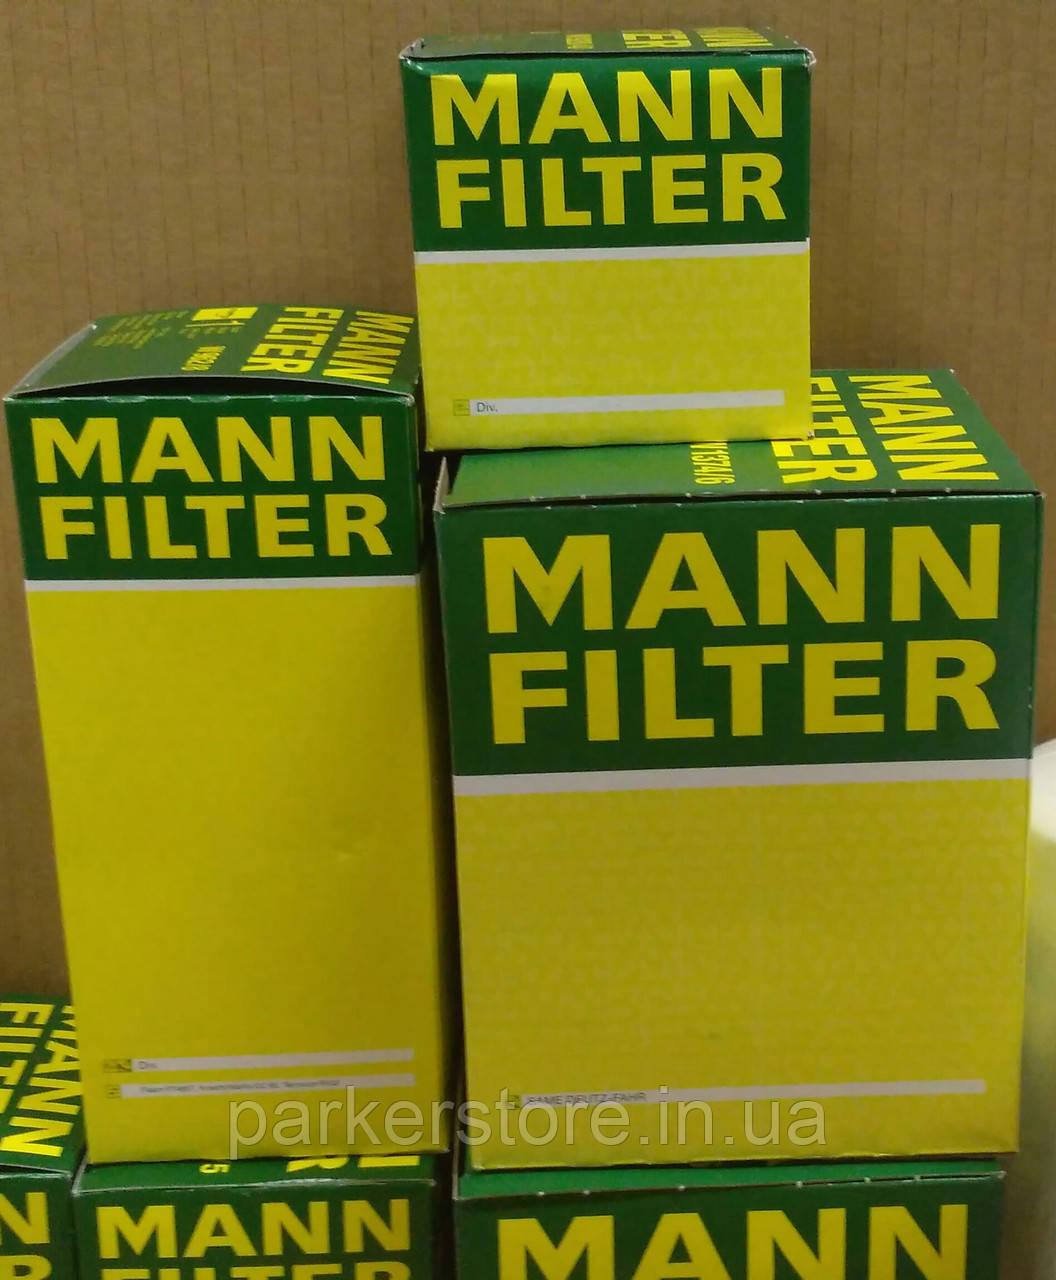 MANN FILTER / Повітряний фільтр / C 3093 / C3093